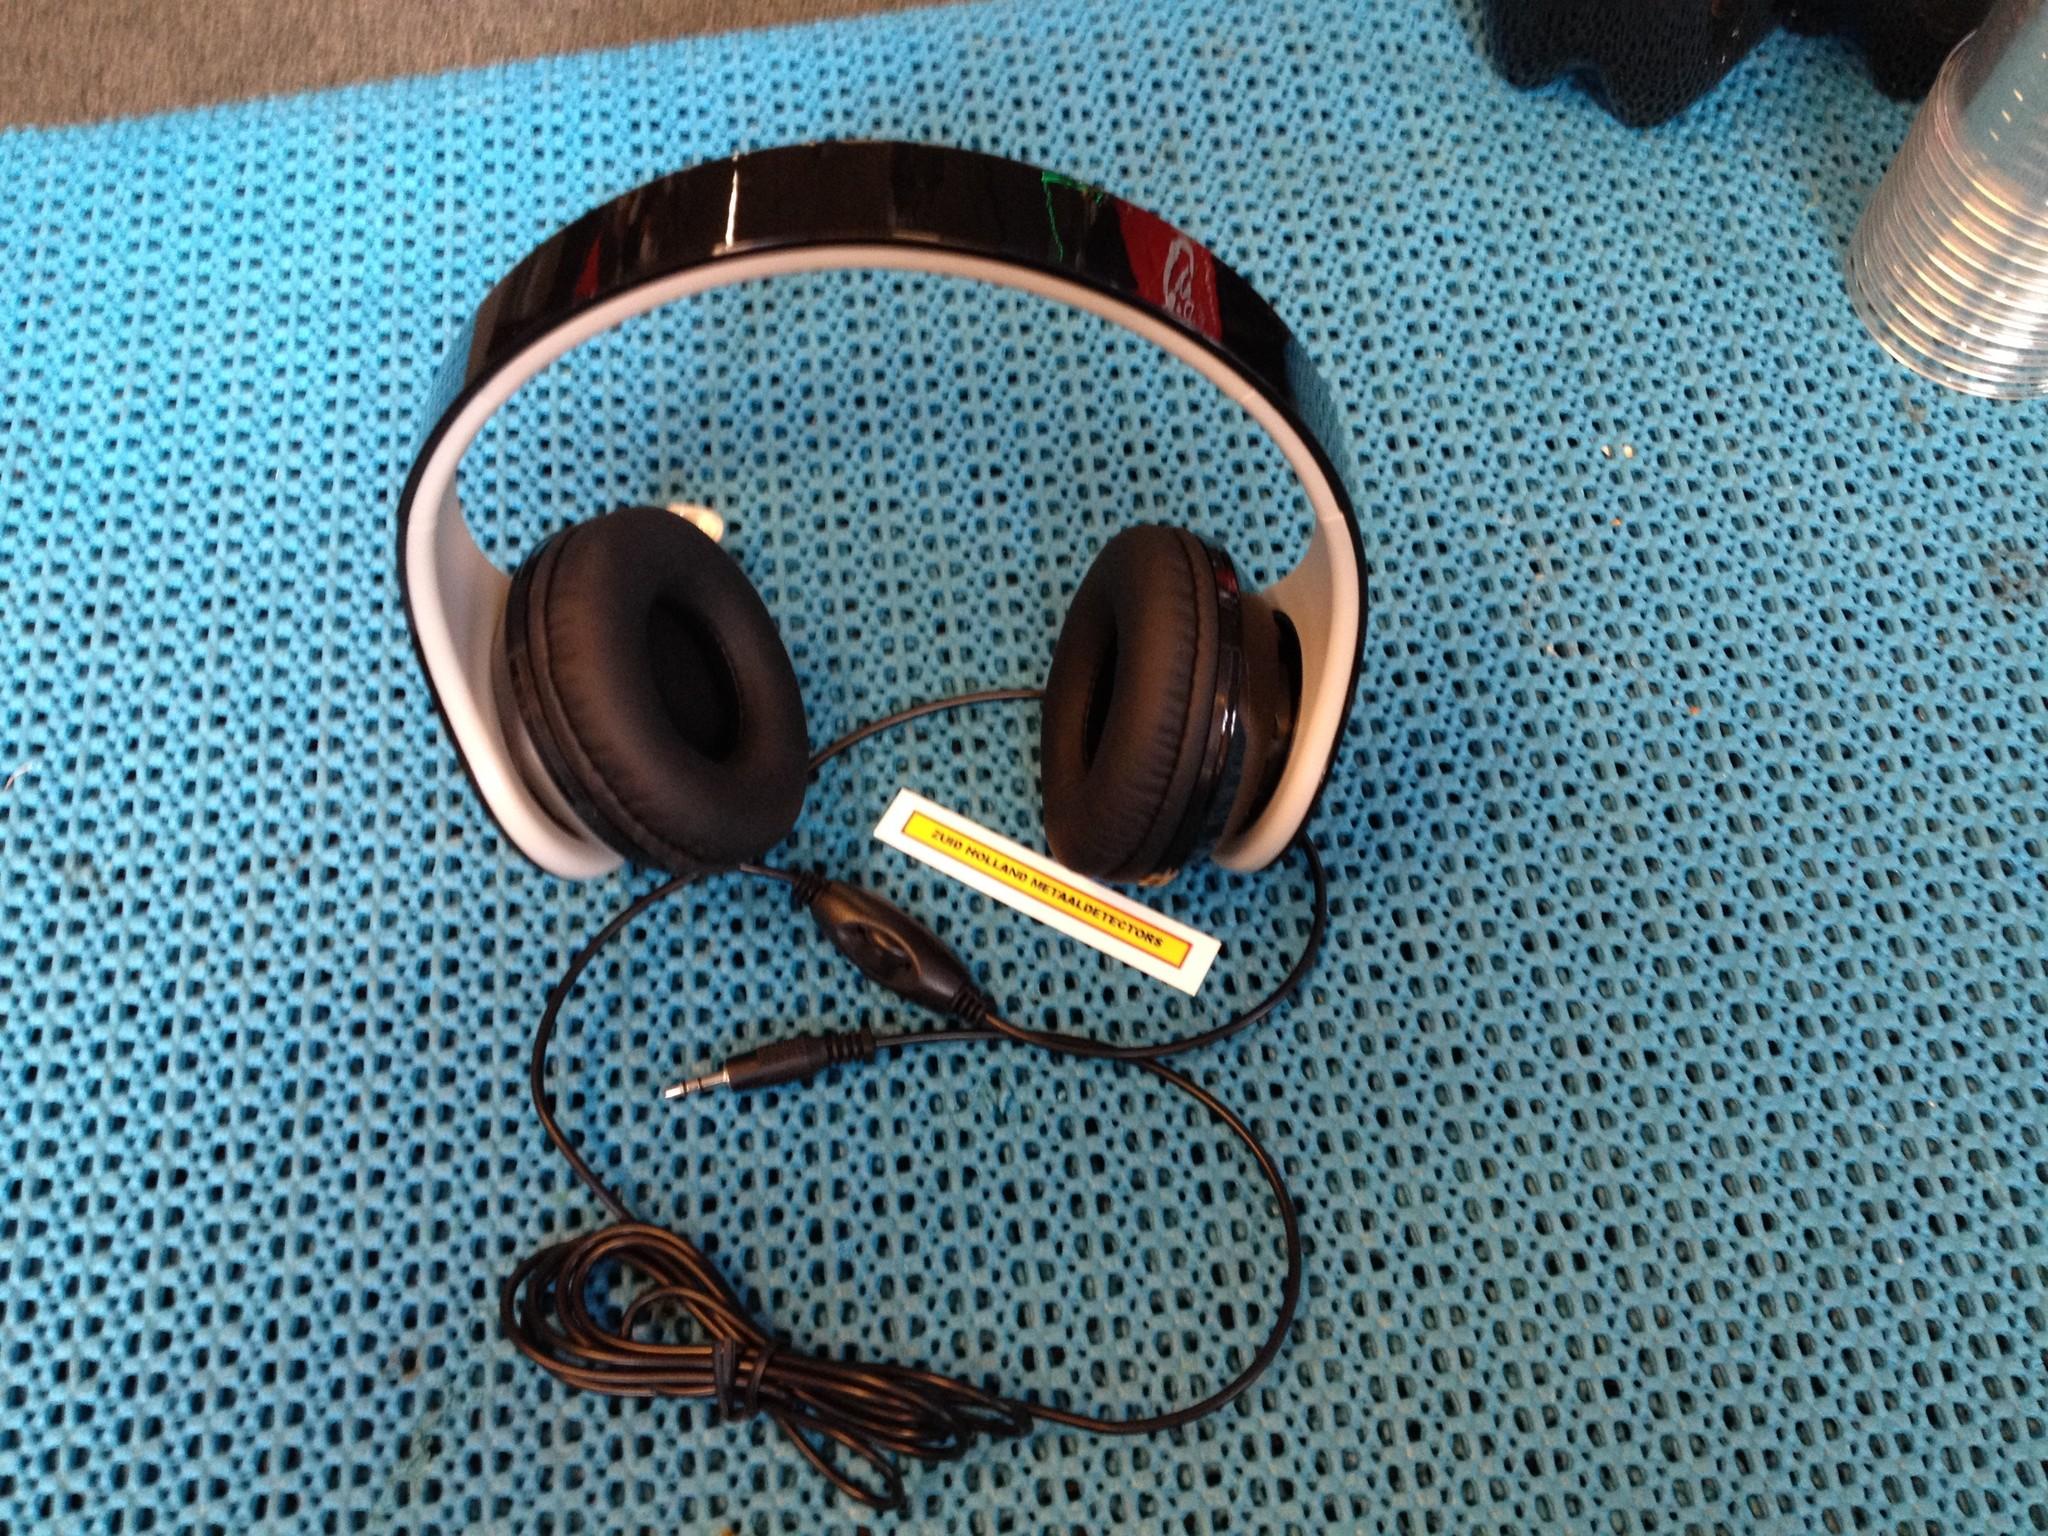 Minelab Hoofdtelefoon voor metaaldetector met volume 3.5 mm.